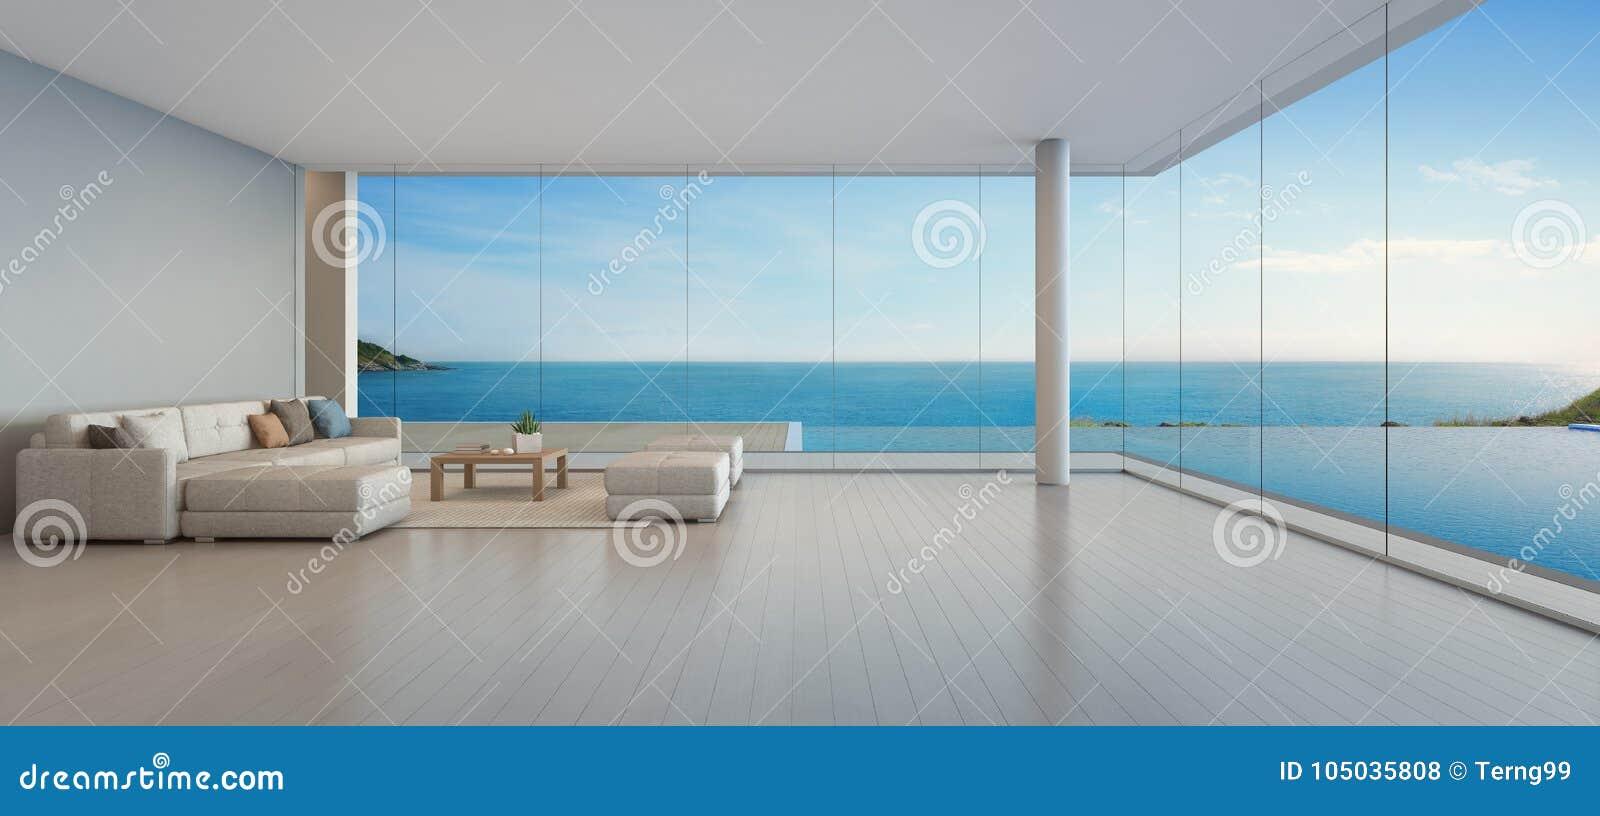 Grande Sofa No Assoalho De Madeira Perto Da Janela De Vidro E